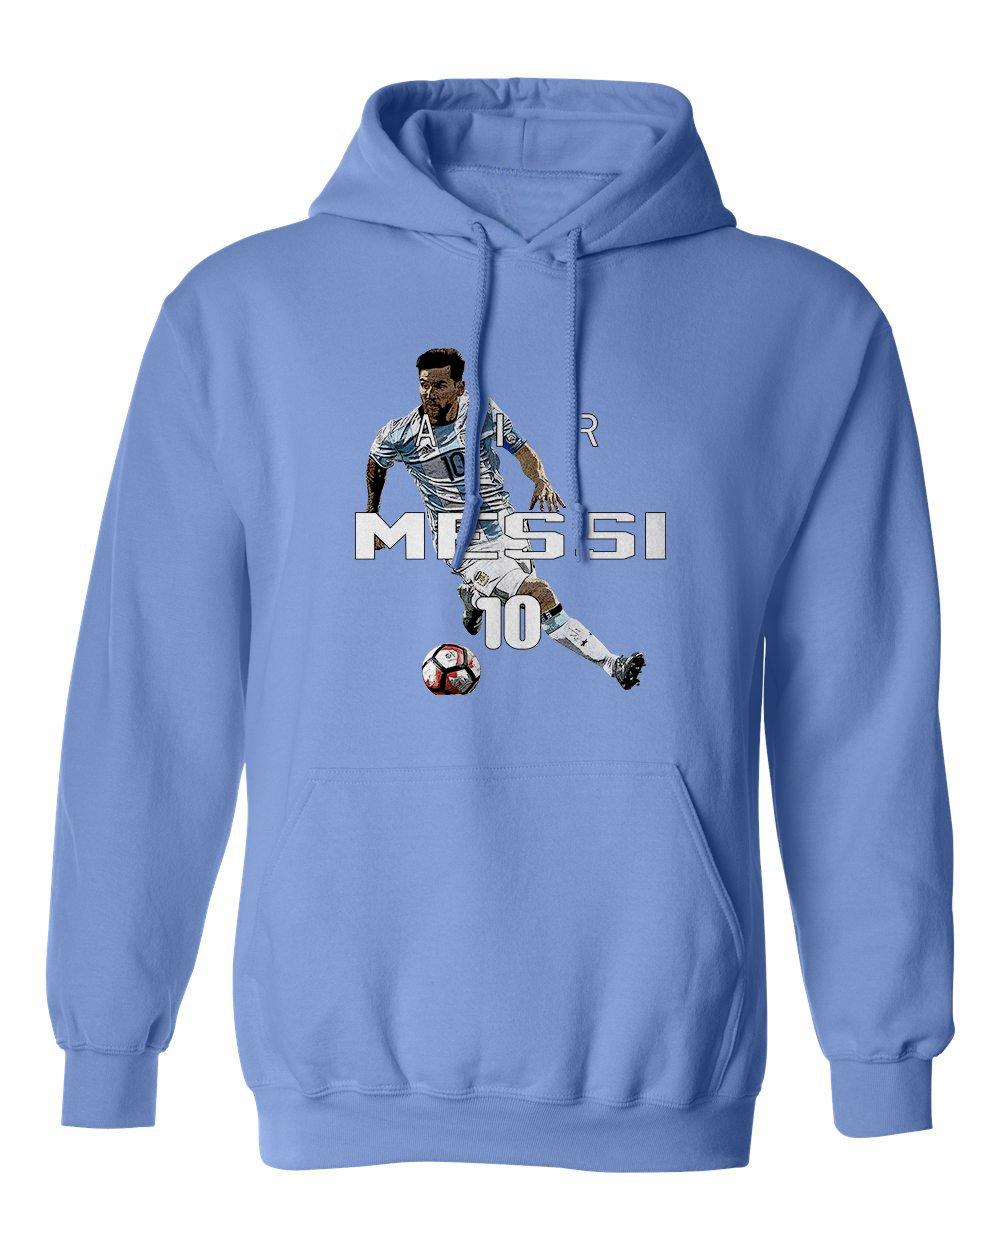 リオネルメッシアルゼンチンAir Soccerメンズパーカースウェットシャツ 3L カロライナブルー B075VCMLC6